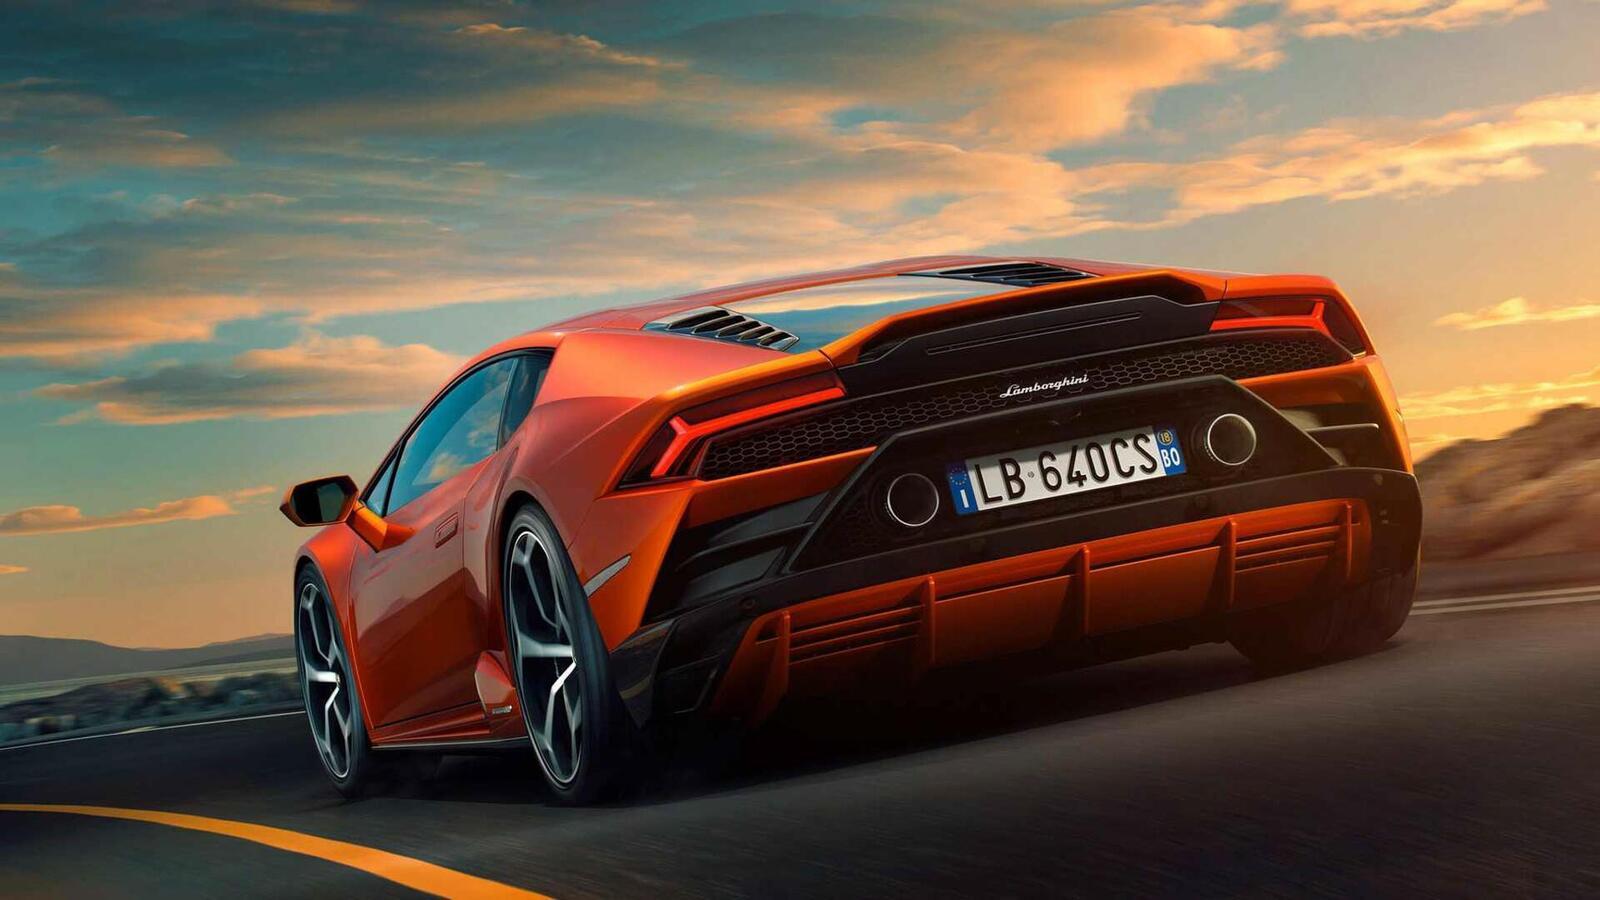 Lamborghini giới thiệu Huracan EVO mới với sức mạnh 640 mã lực - Hình 7